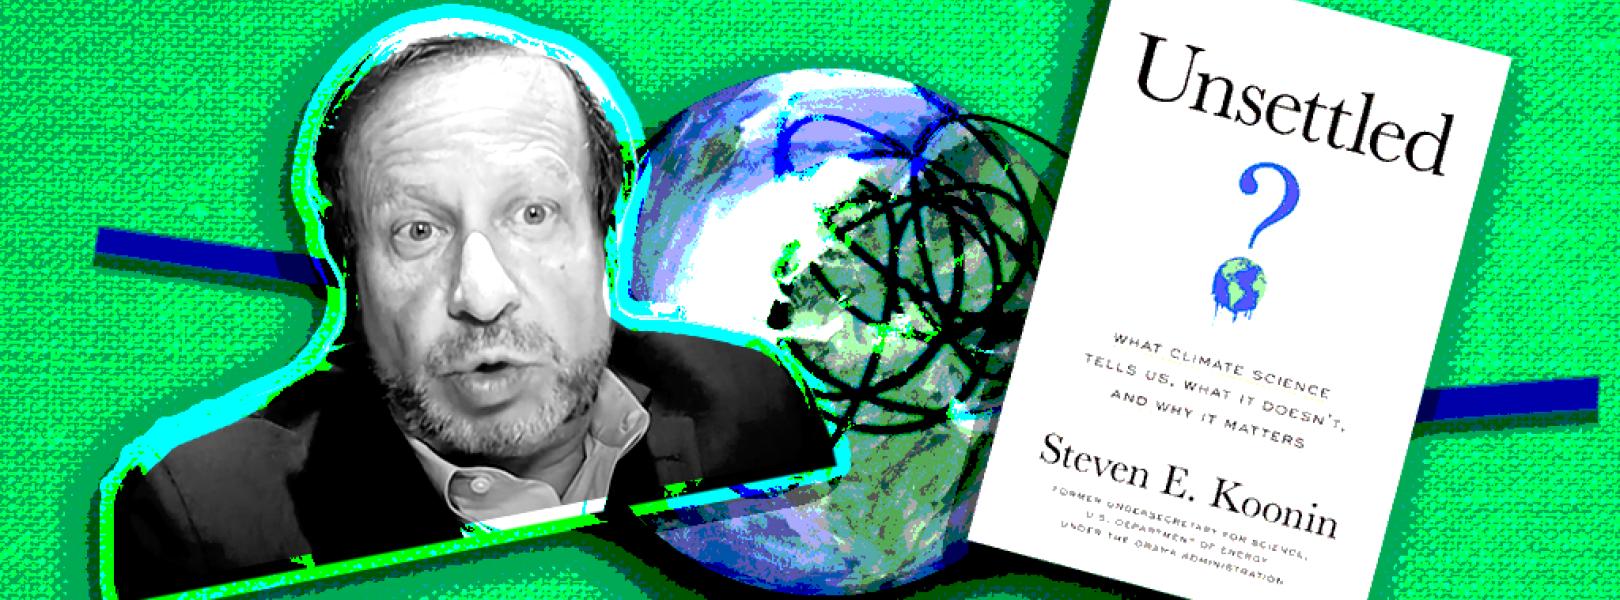 RWM-Steve-Koonin-Climate